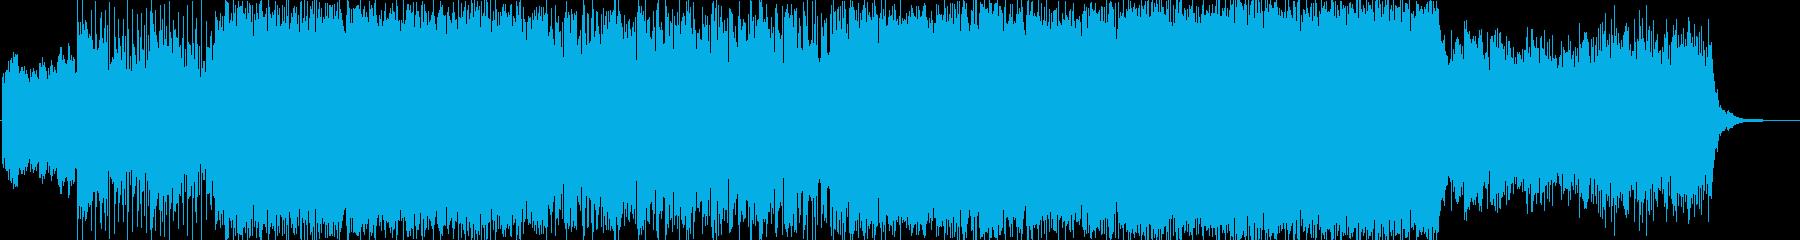 ノリのいいポップスの再生済みの波形